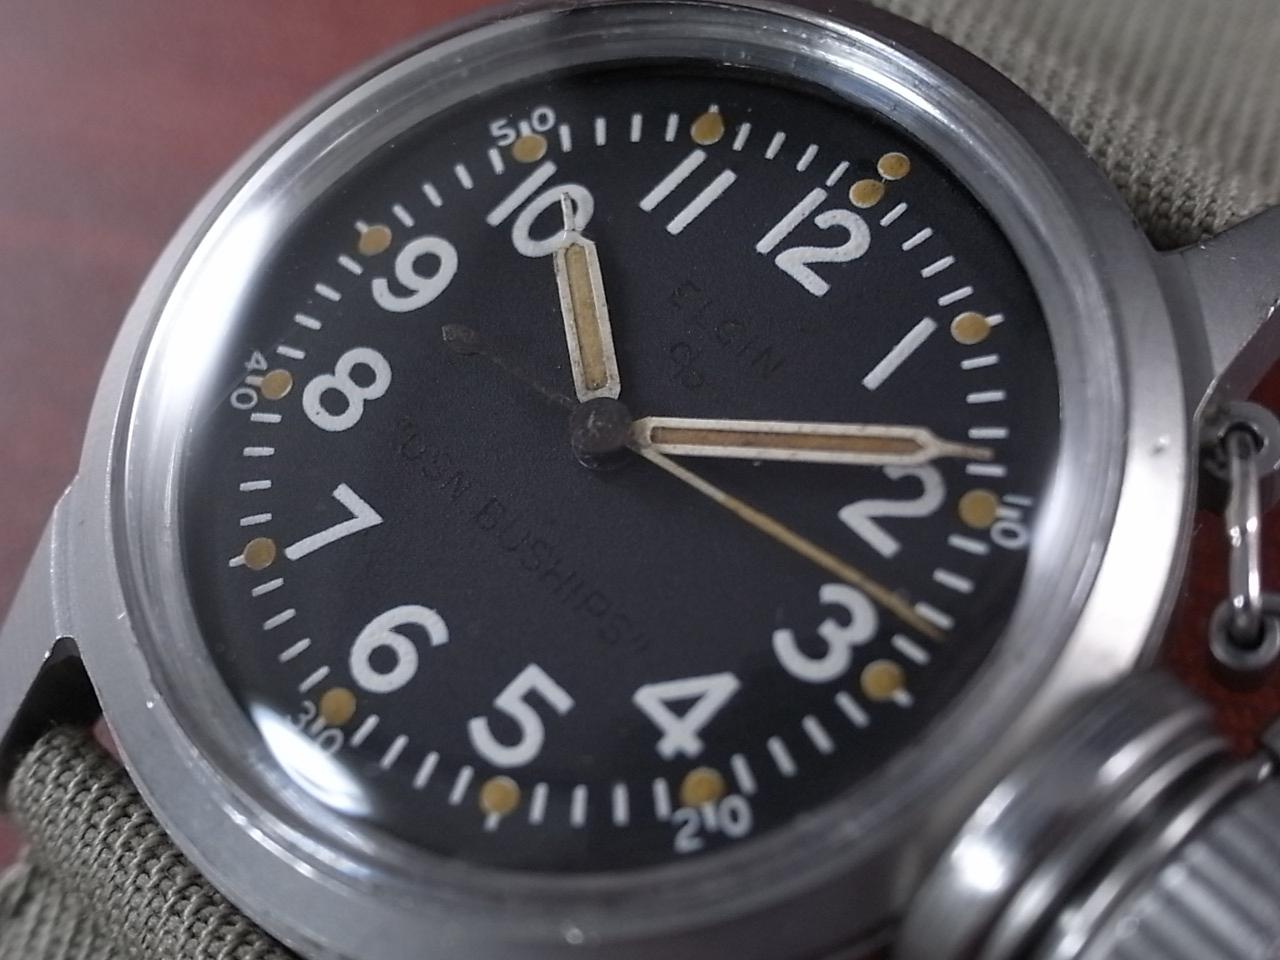 エルジン 軍用時計 アメリカ海軍 USN BUSHIPS   UDT(水中爆破チーム)の写真2枚目